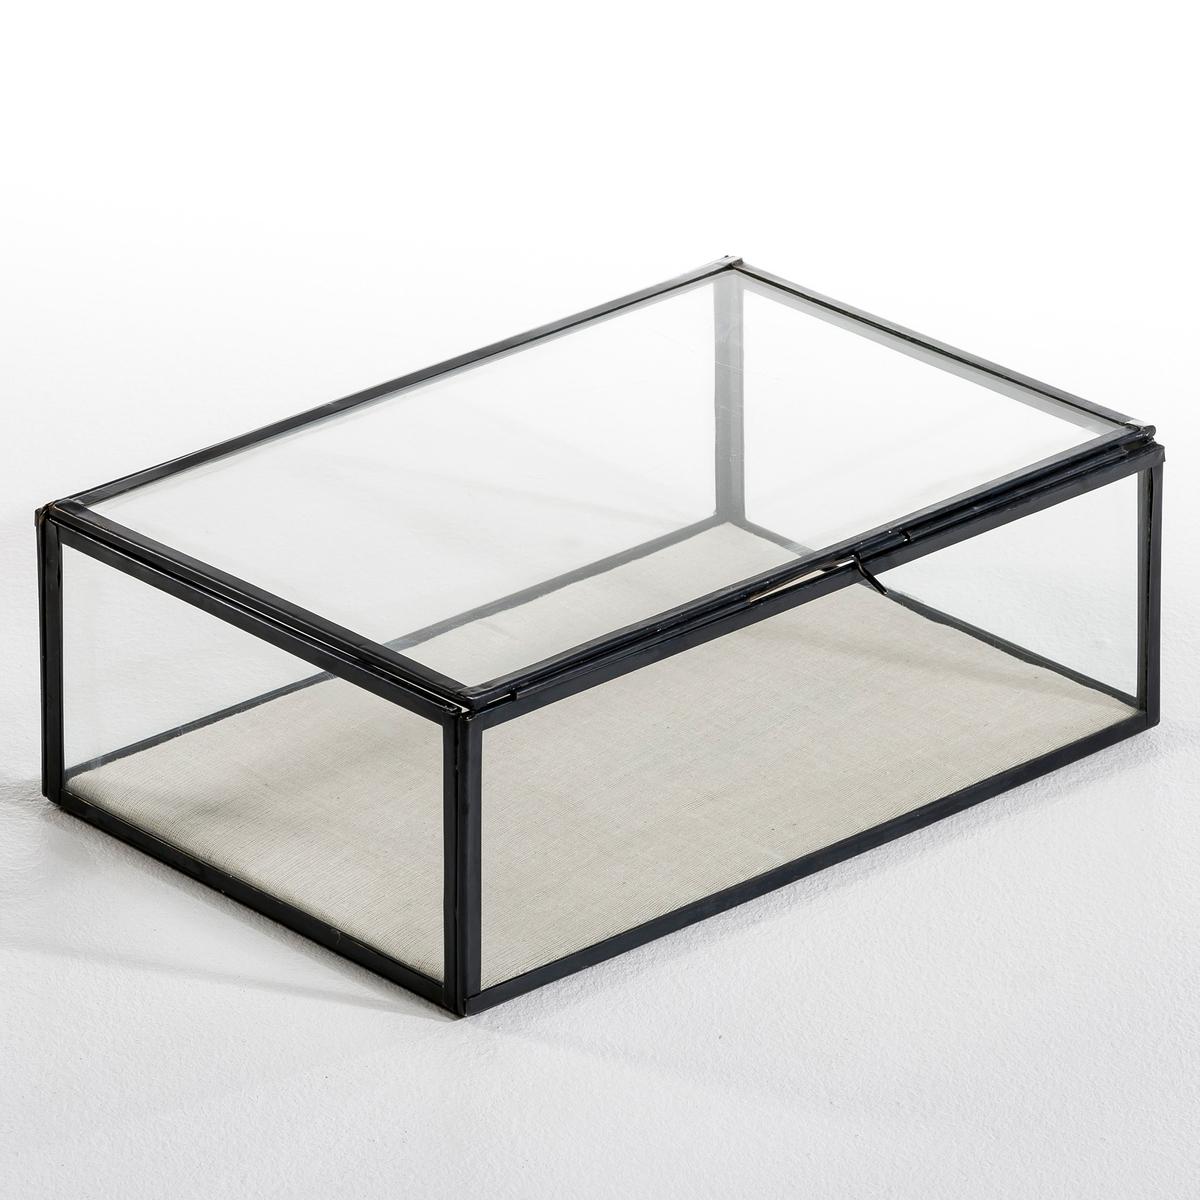 Коробка-витрина Дл30 x Гл20 см, MisiaКоробка-витрина, Misia. Этот уникальный предмет декора позволит спрятать и, вместе с тем, выставить на всеобщее обозрение самые важные вещи и украшения. Изготовлена и собрана вручную. Уникальный аксессуар, который сделает декор комнаты неповторимым. Характеристики: Из стекла и металла Размеры :Д. 30 x В. 10,5 x Г. 20 см.<br><br>Цвет: латунь,металл,черный